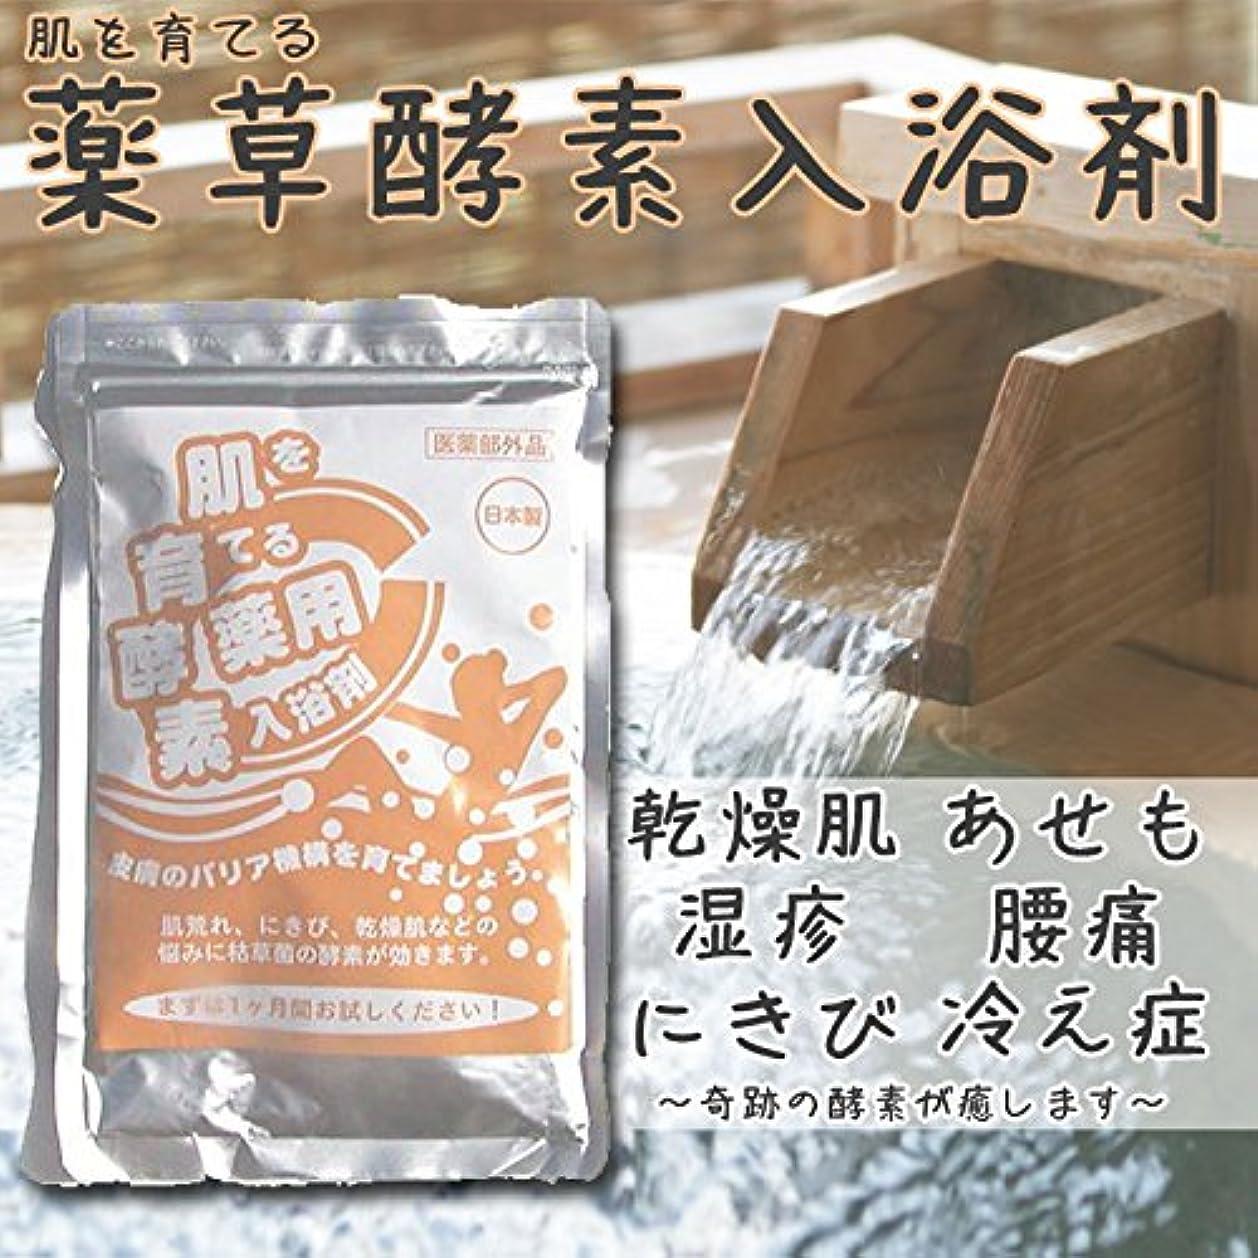 九エイズ哲学的ハーティハート 薬用酵素入浴剤 洗顔料 粉末 300g